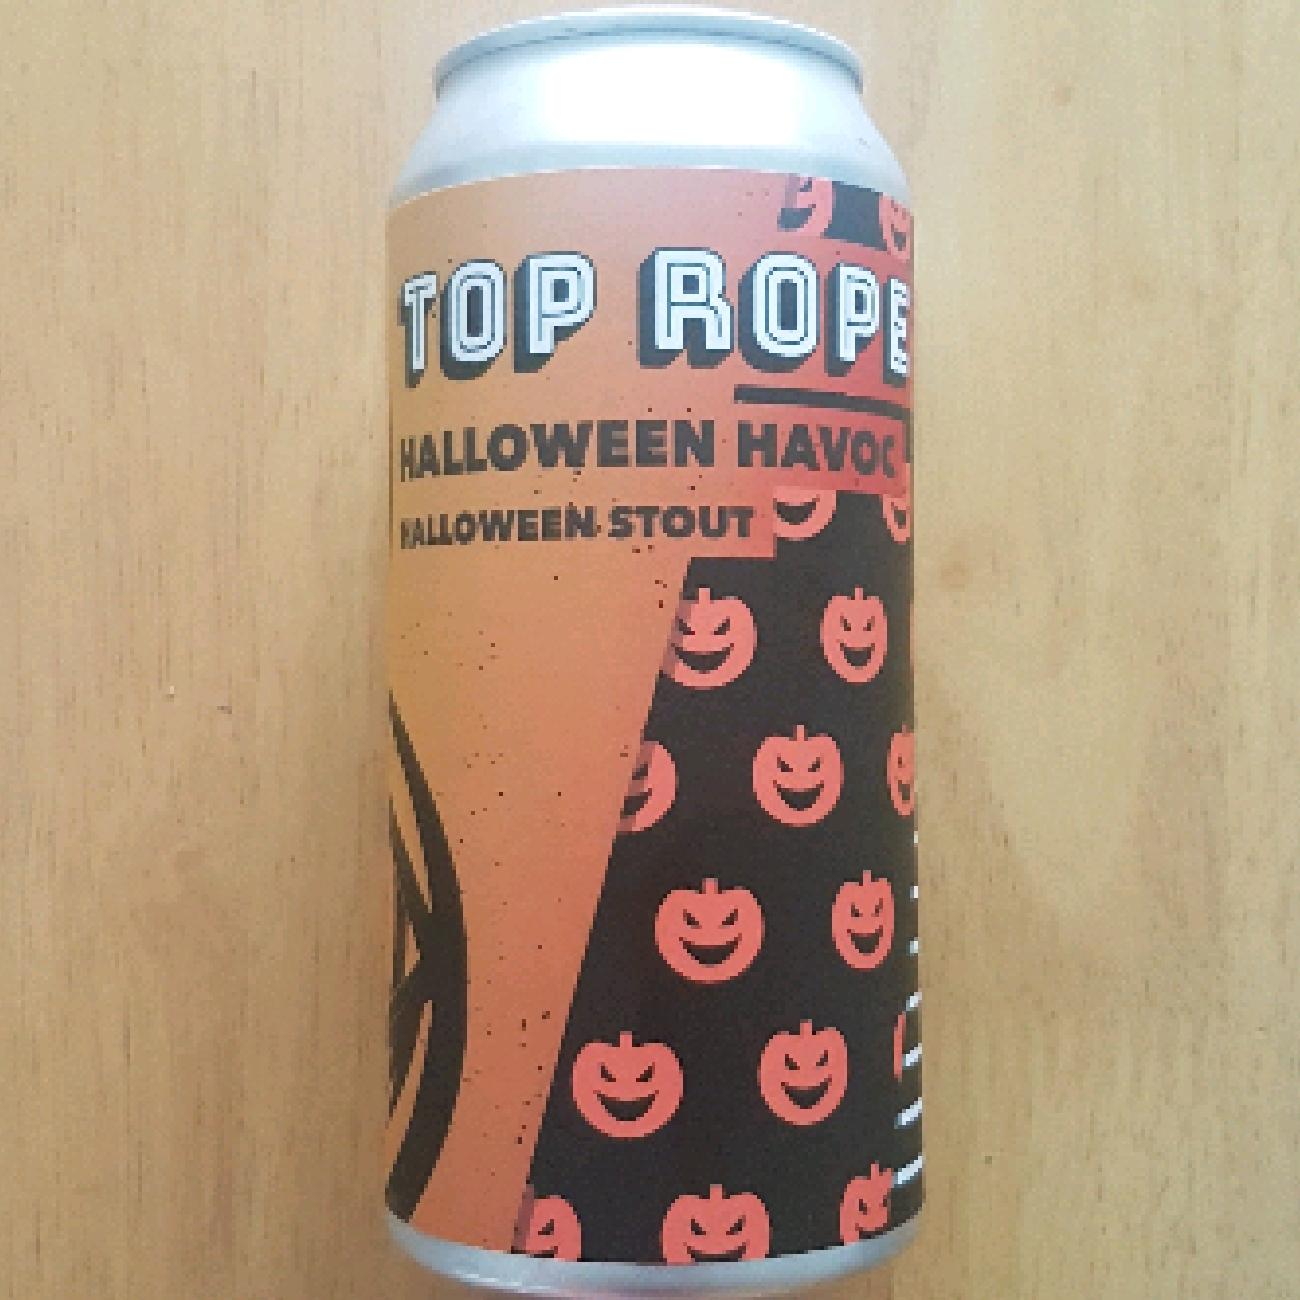 Top Rope Halloween Havoc